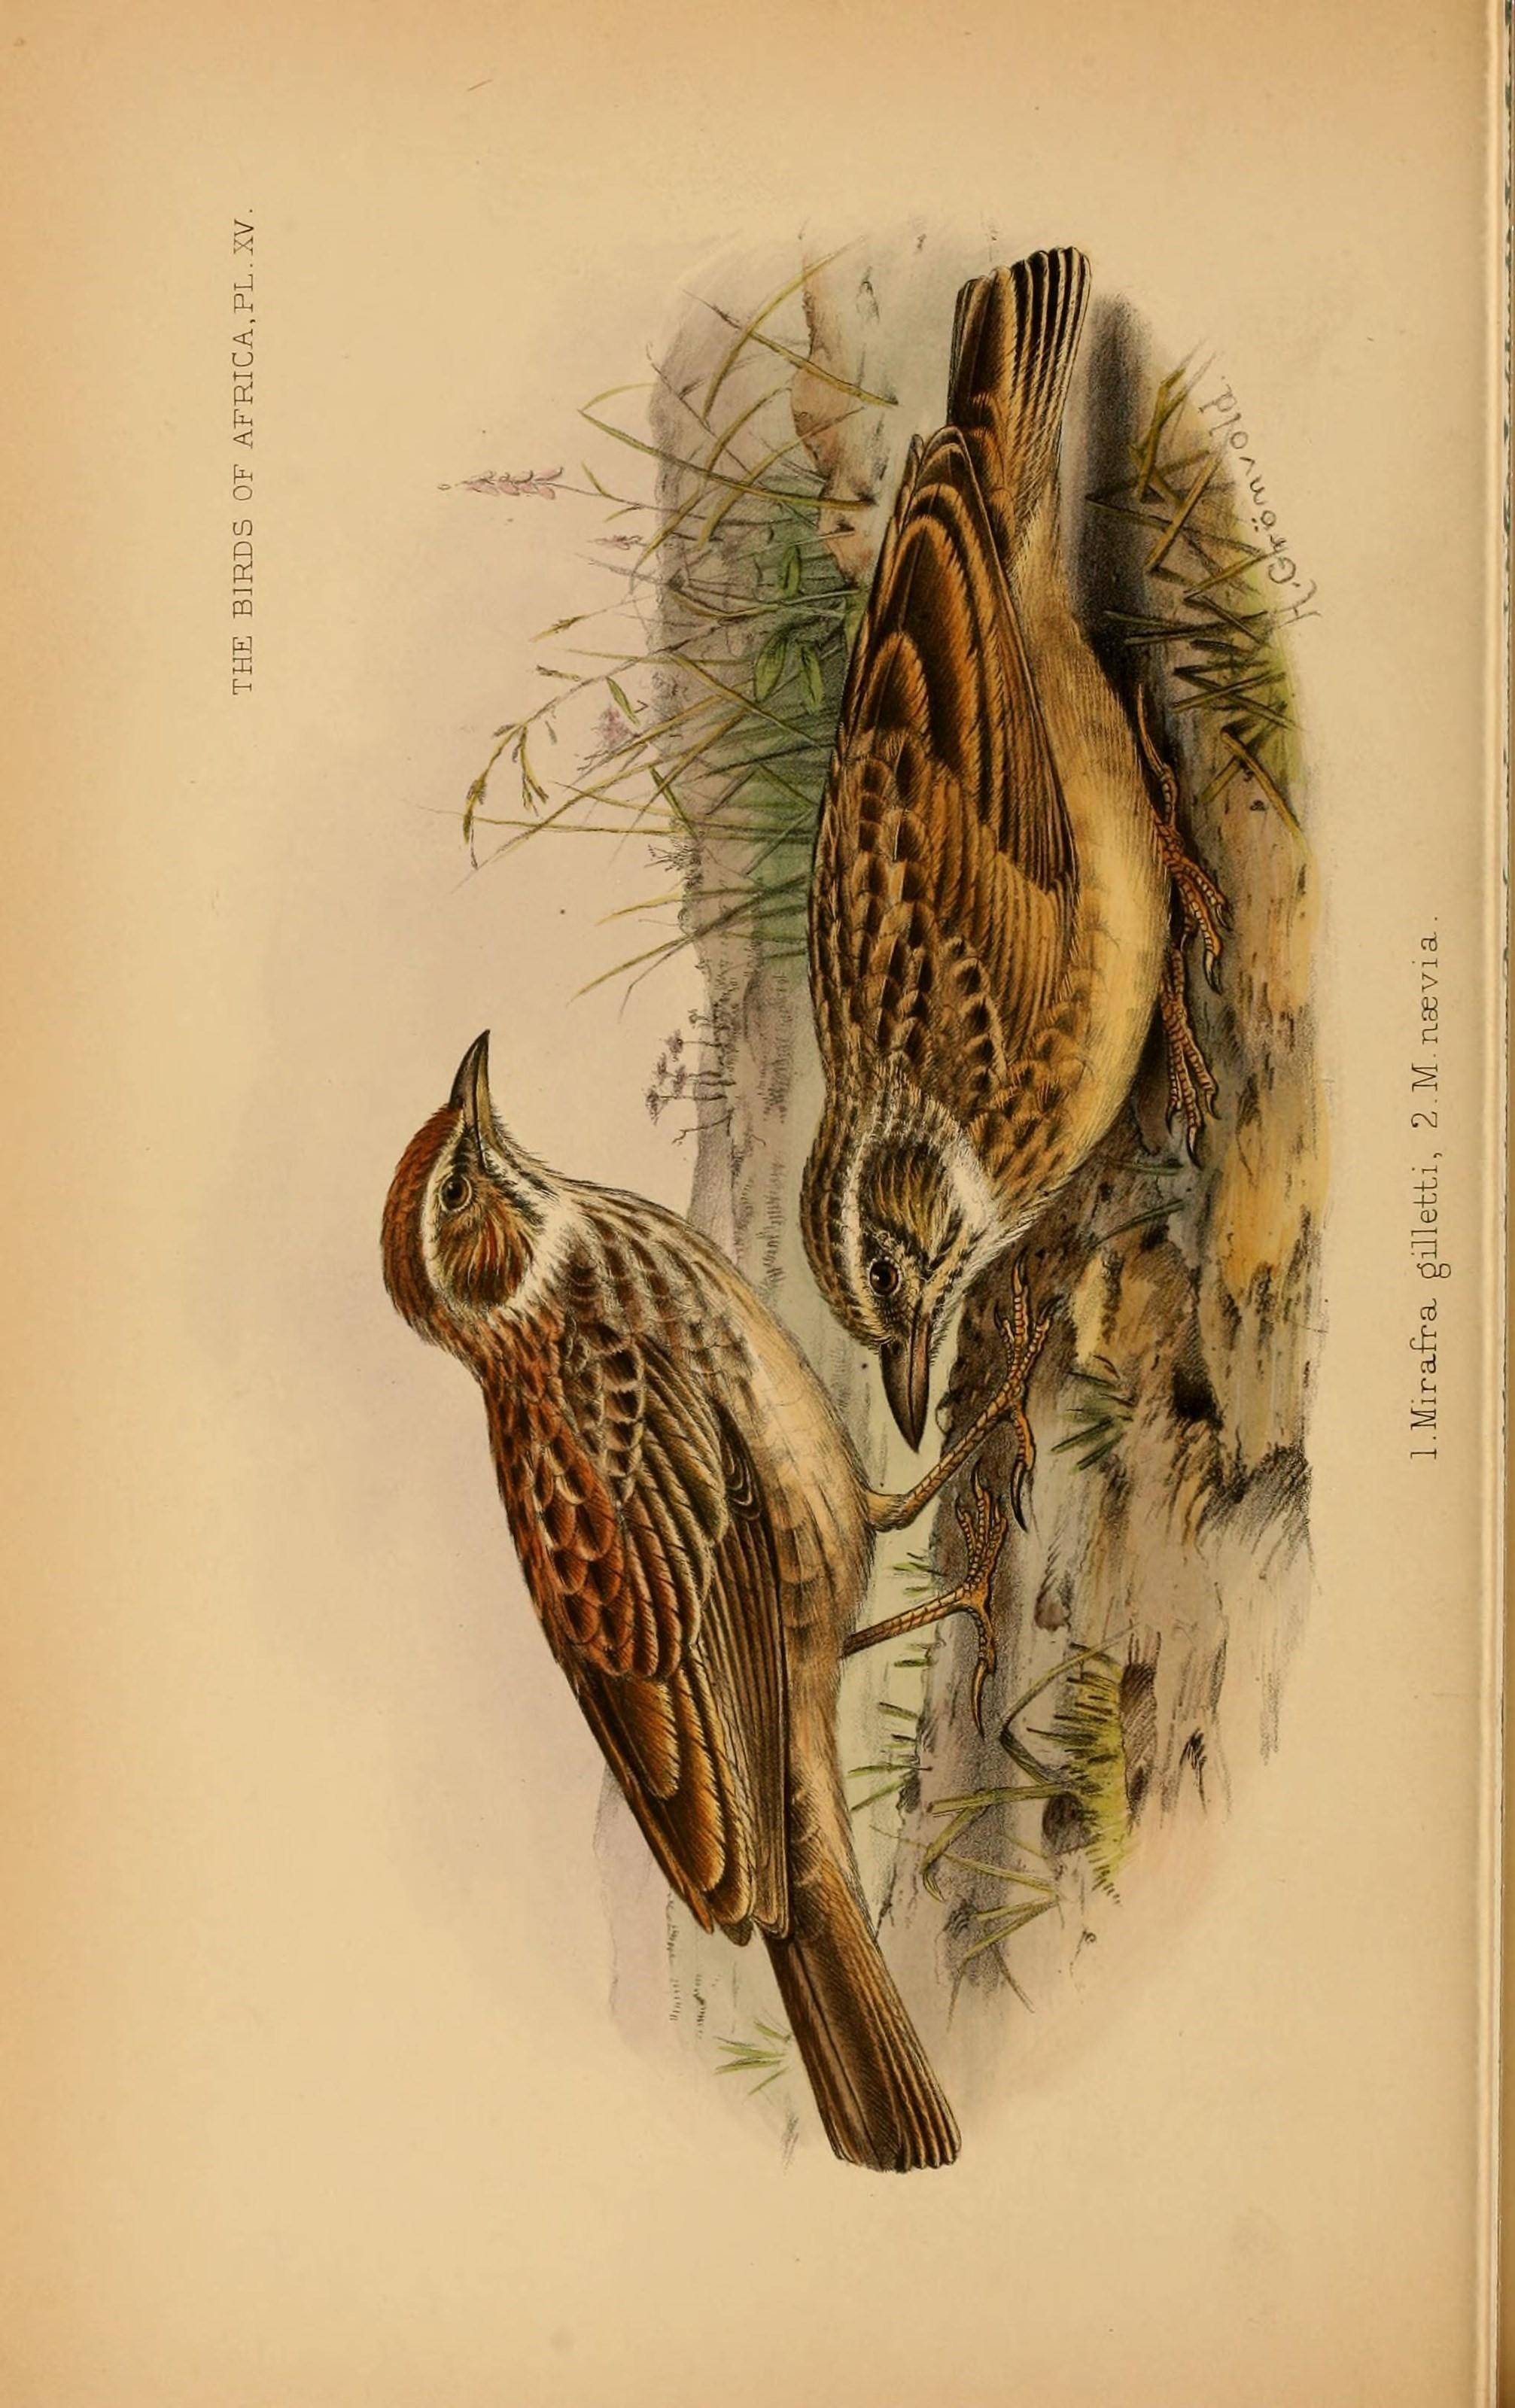 Image of Gillett's Lark